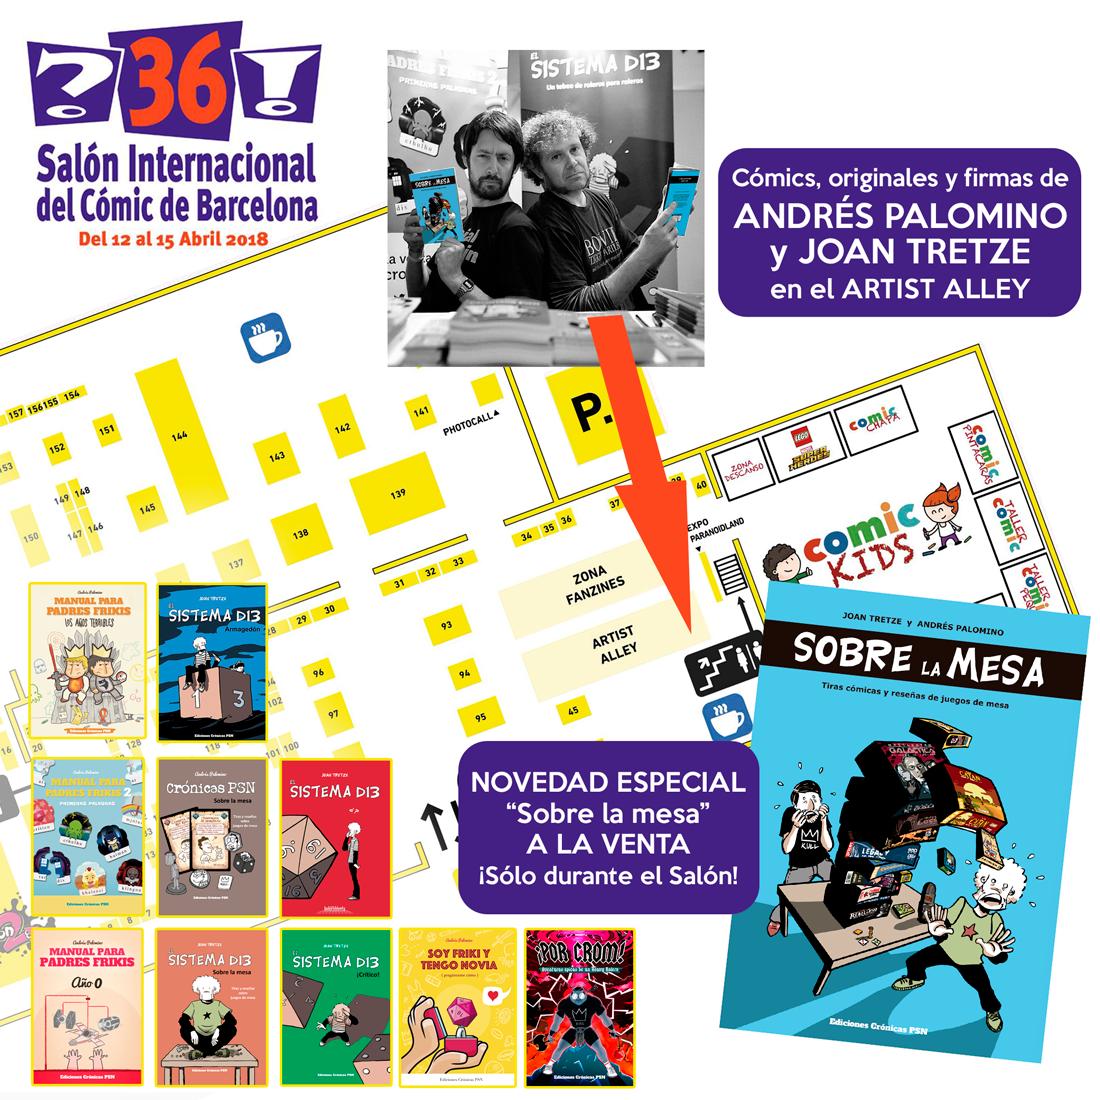 Crónicas PSN y El Sistema d13 en el salón del cómic de barcelona